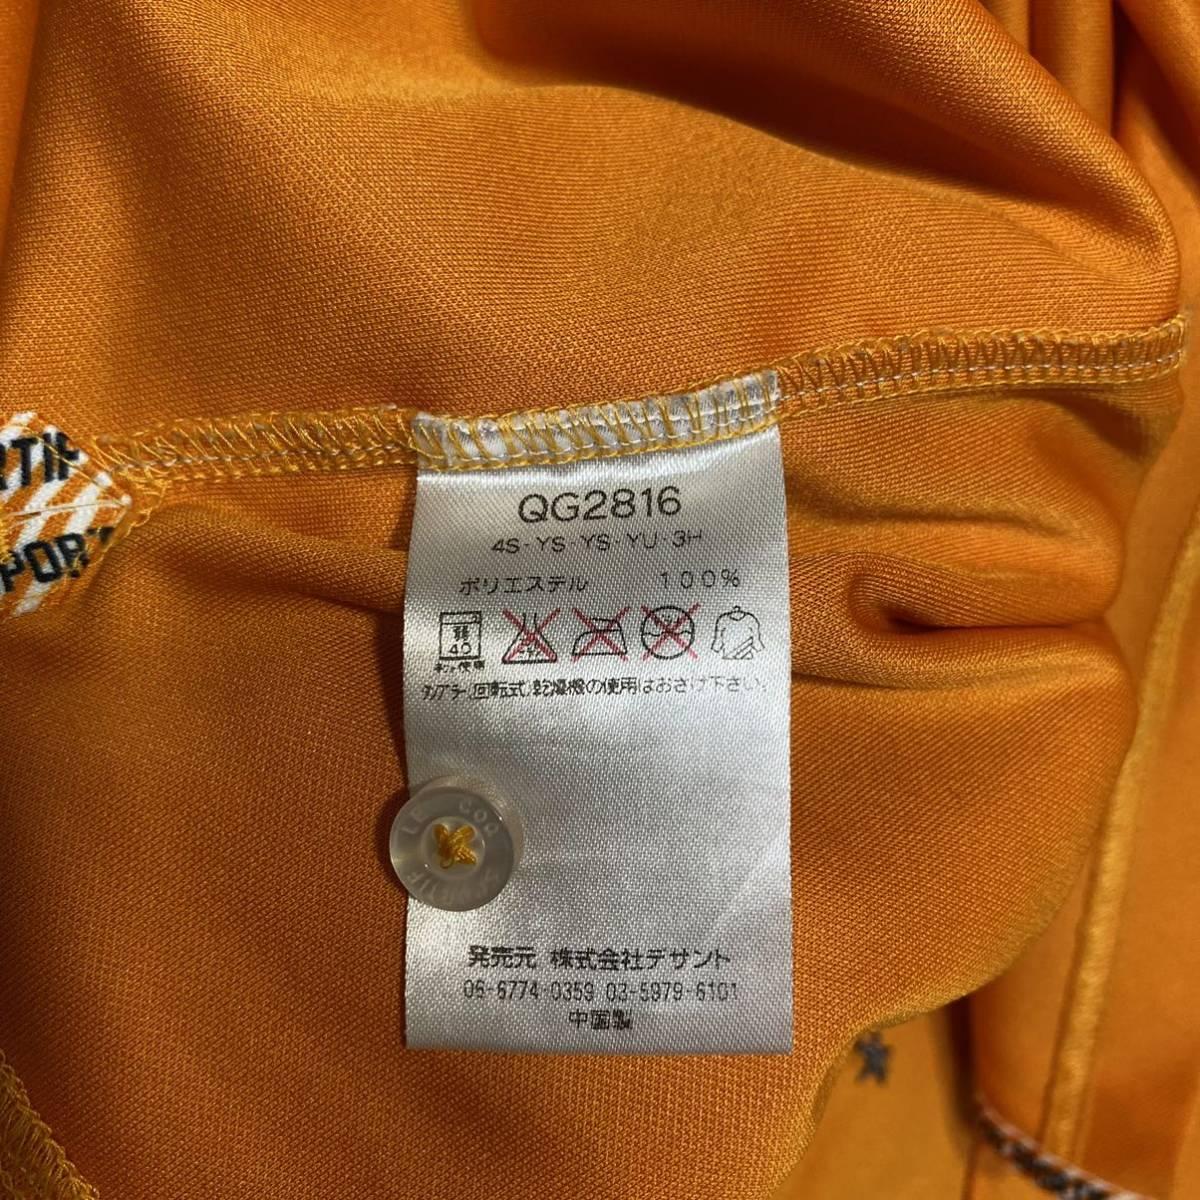 le coq sportif Golf ルコック ゴルフ 半袖ポロシャツ オレンジ メンズ L 迅速発送 送料無料!_画像5